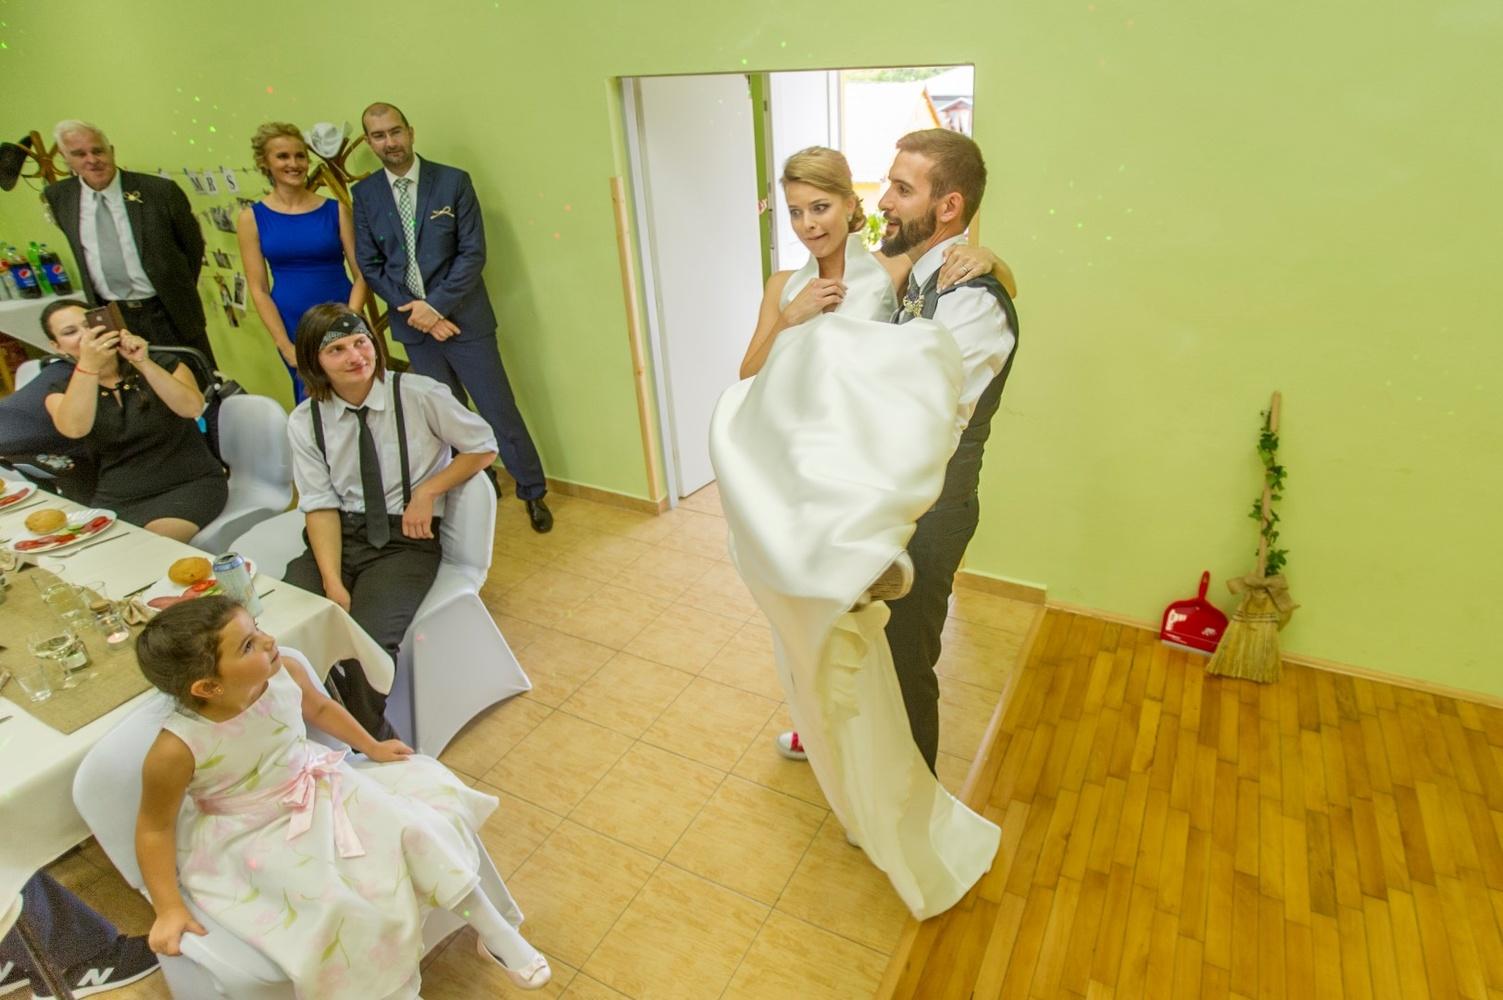 http://www.fotoz.sk/images/gallery-8/normal/eskuvoi-fotos_svadobny-fotograf_486.jpg